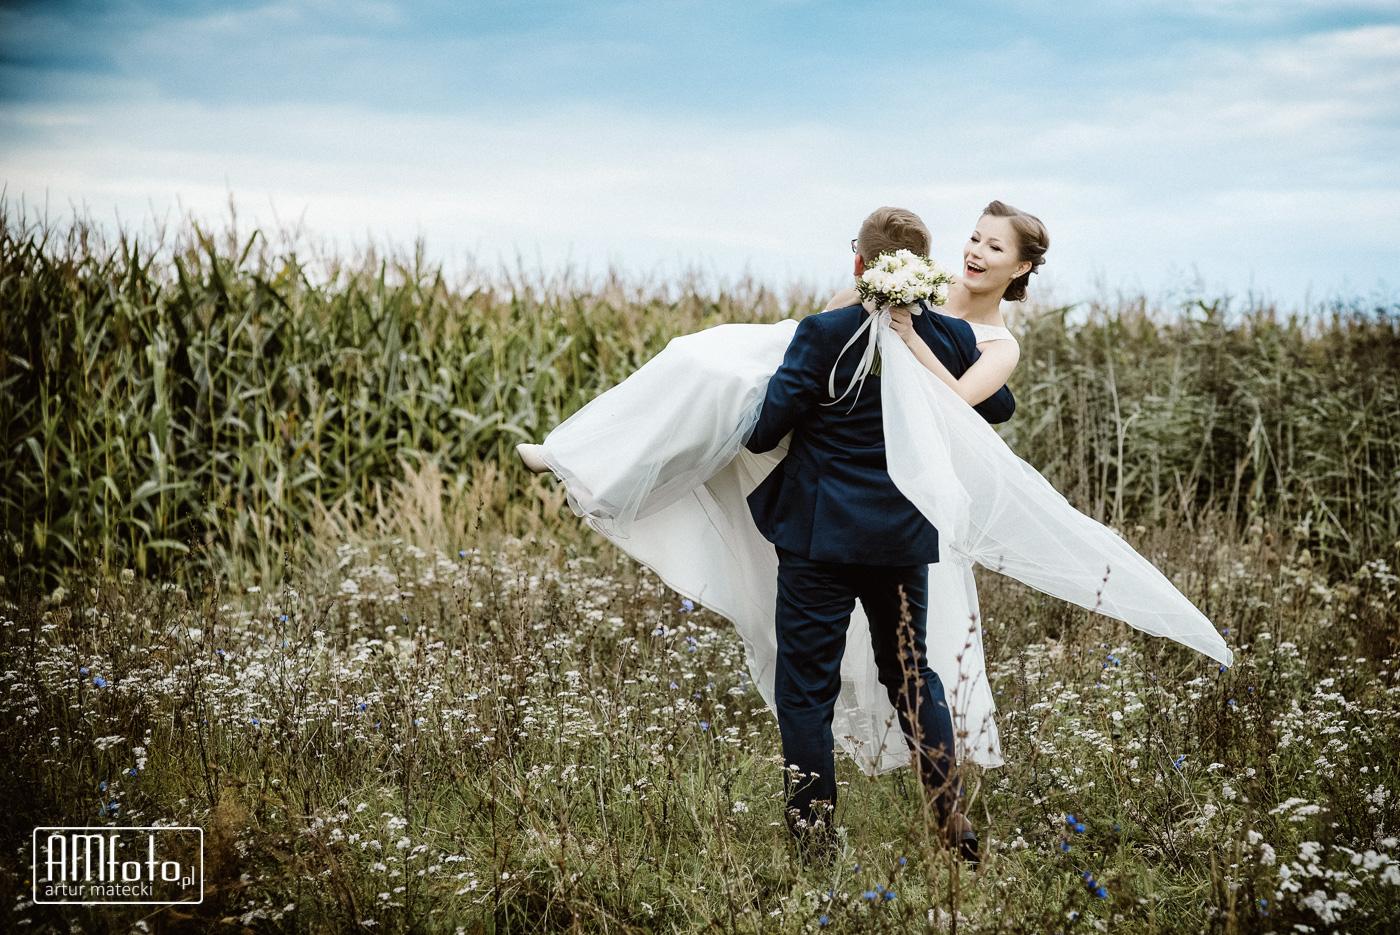 0648_Dorota&Jakub_fotoreportaz_odolanow-krotoszyn____www-amfoto-pl__AMF_9372-2.jpg